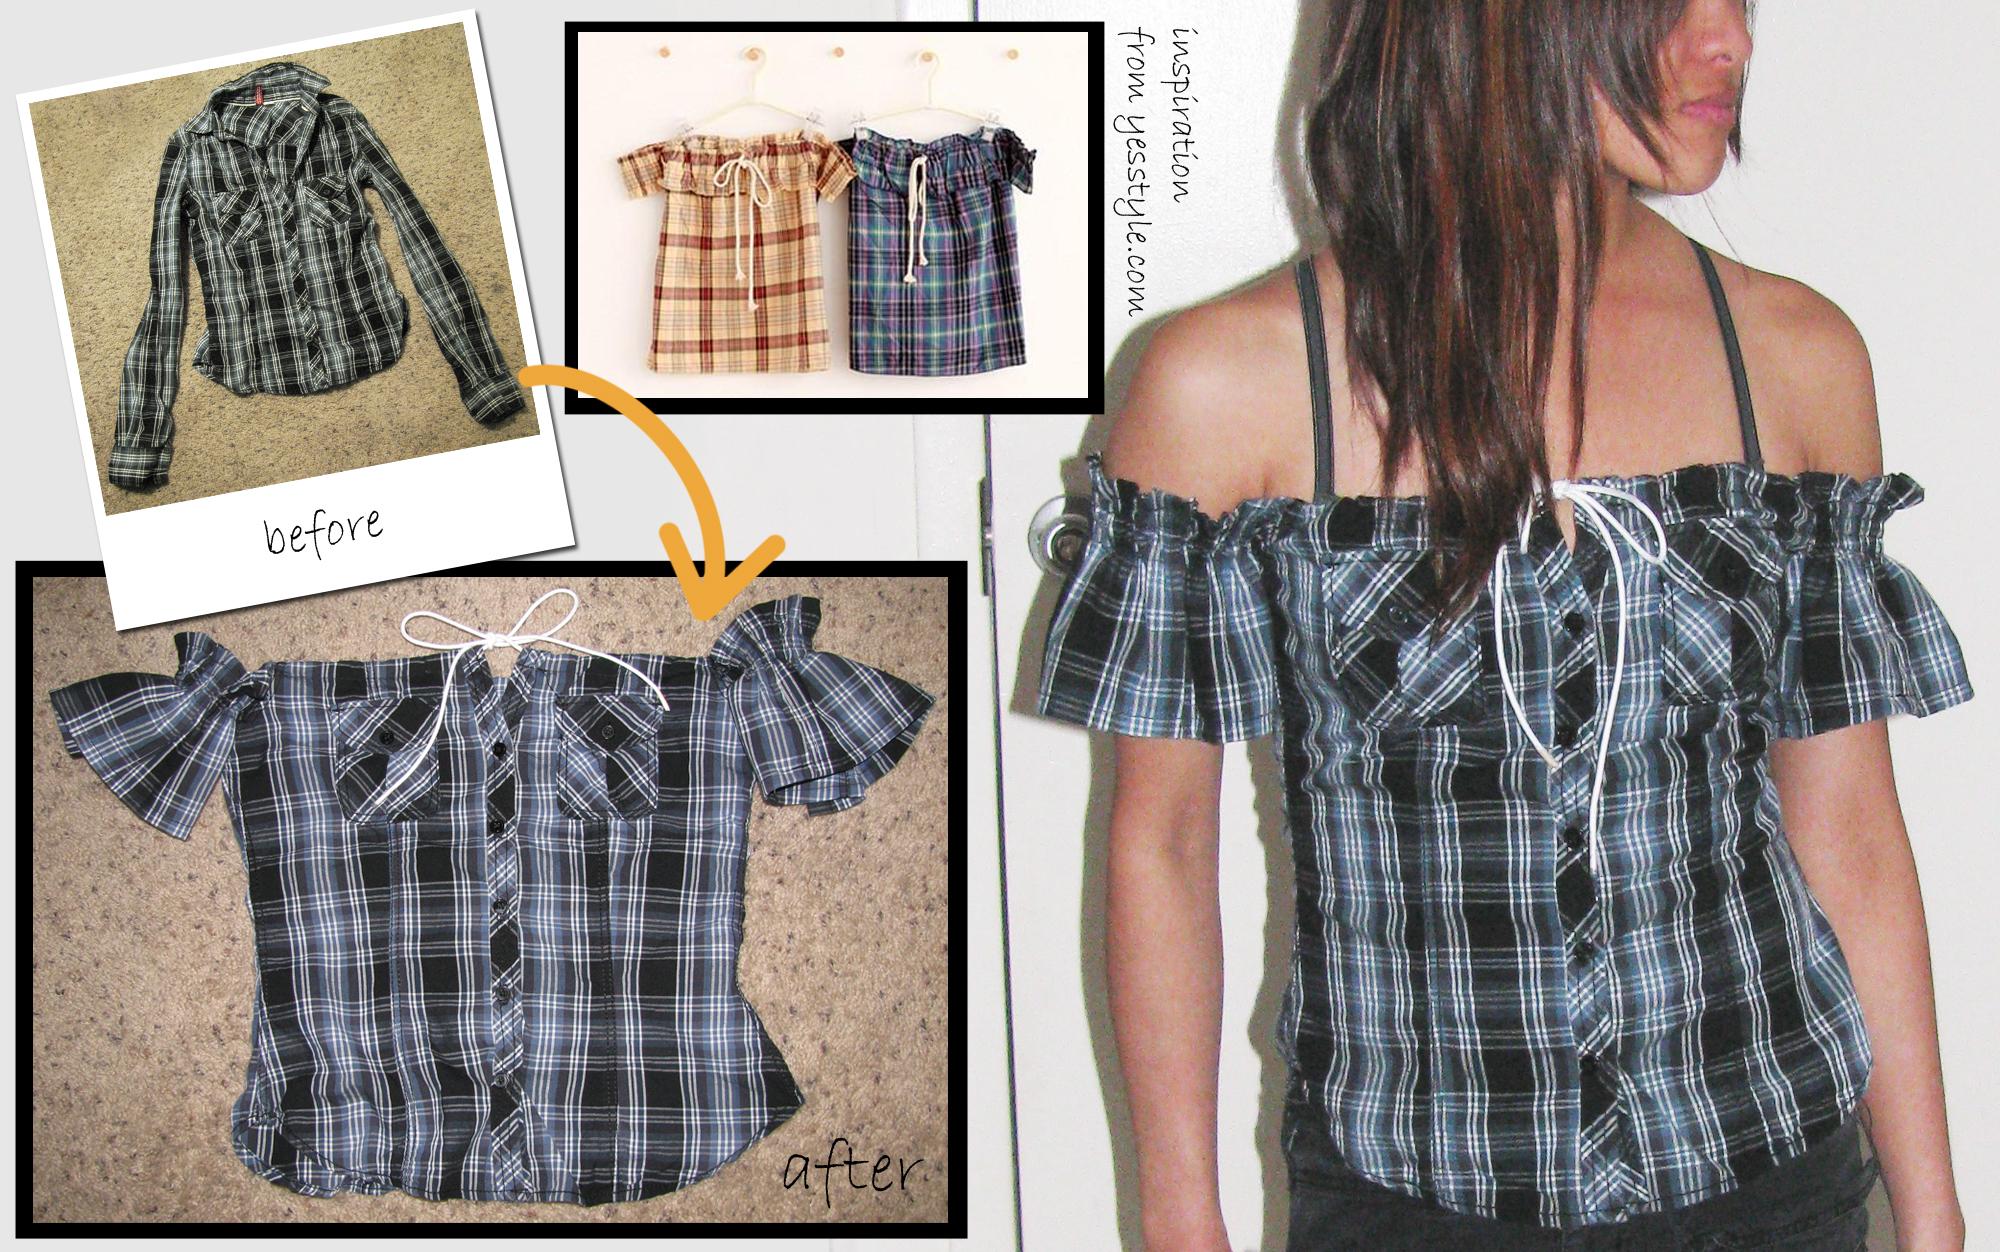 Переделываем старой одежды в новые своими руками